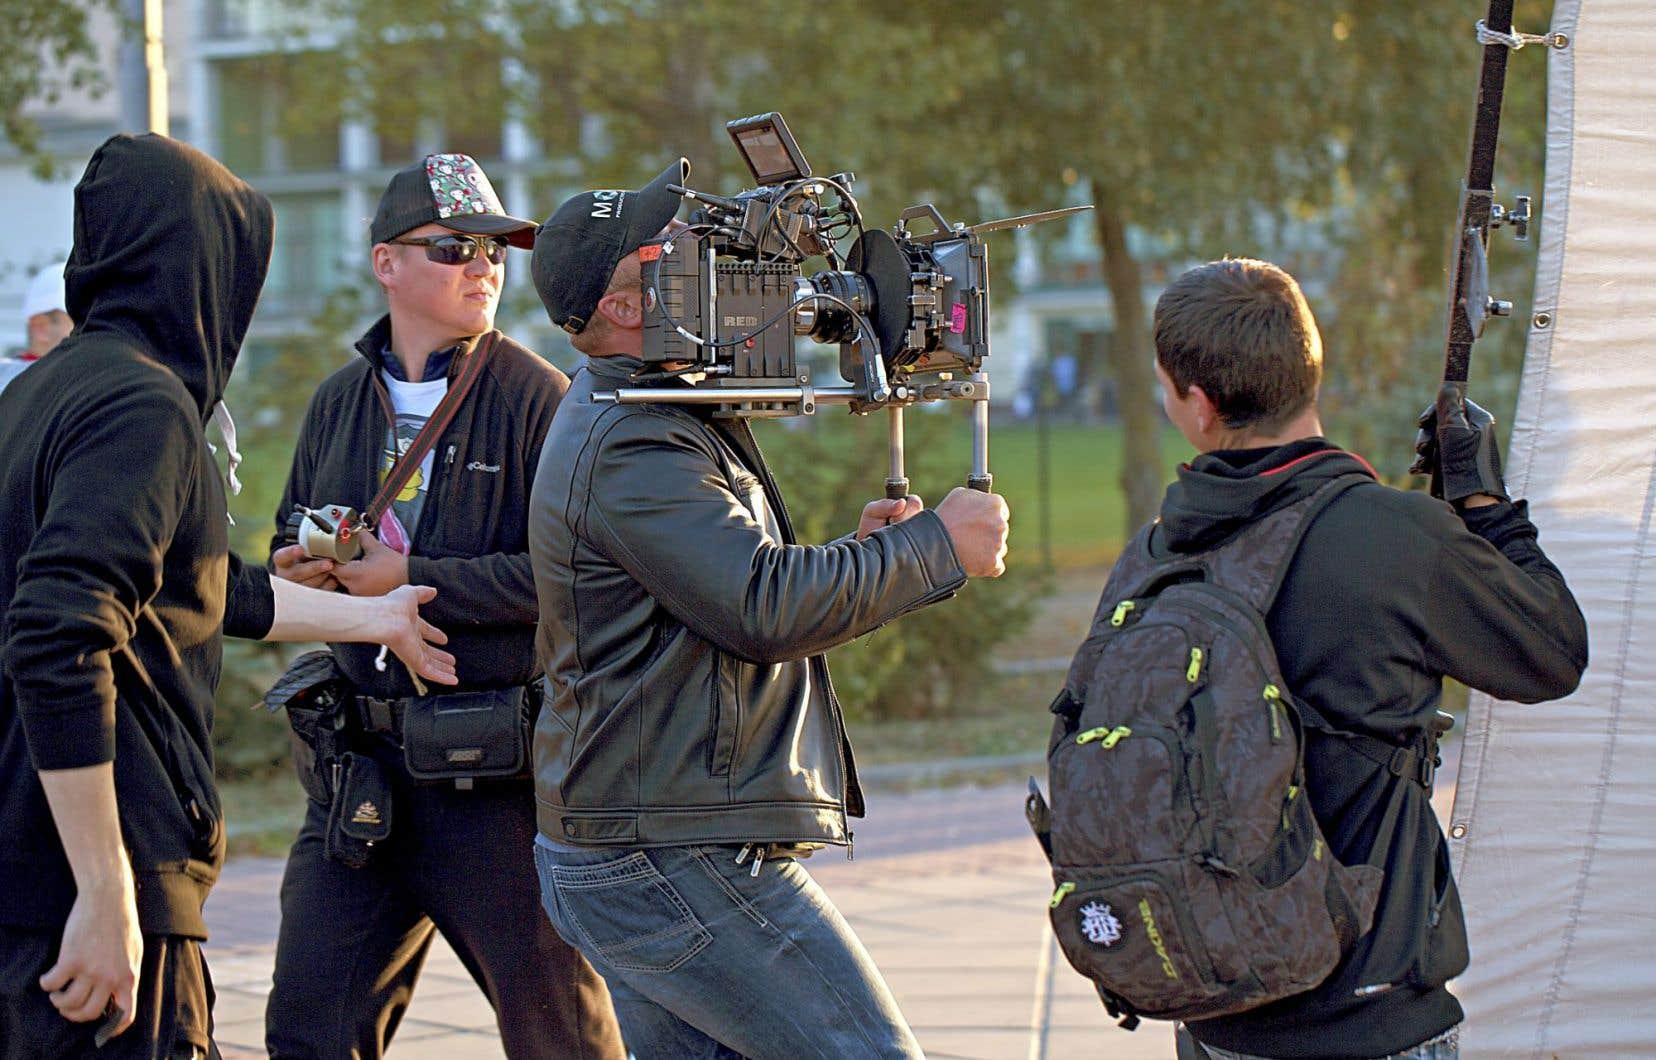 Nos séries se ressemblent de plus en plus: caméra à l'épaule, plans-séquences, économie des lieux de tournage, minimum de scènes d'action…